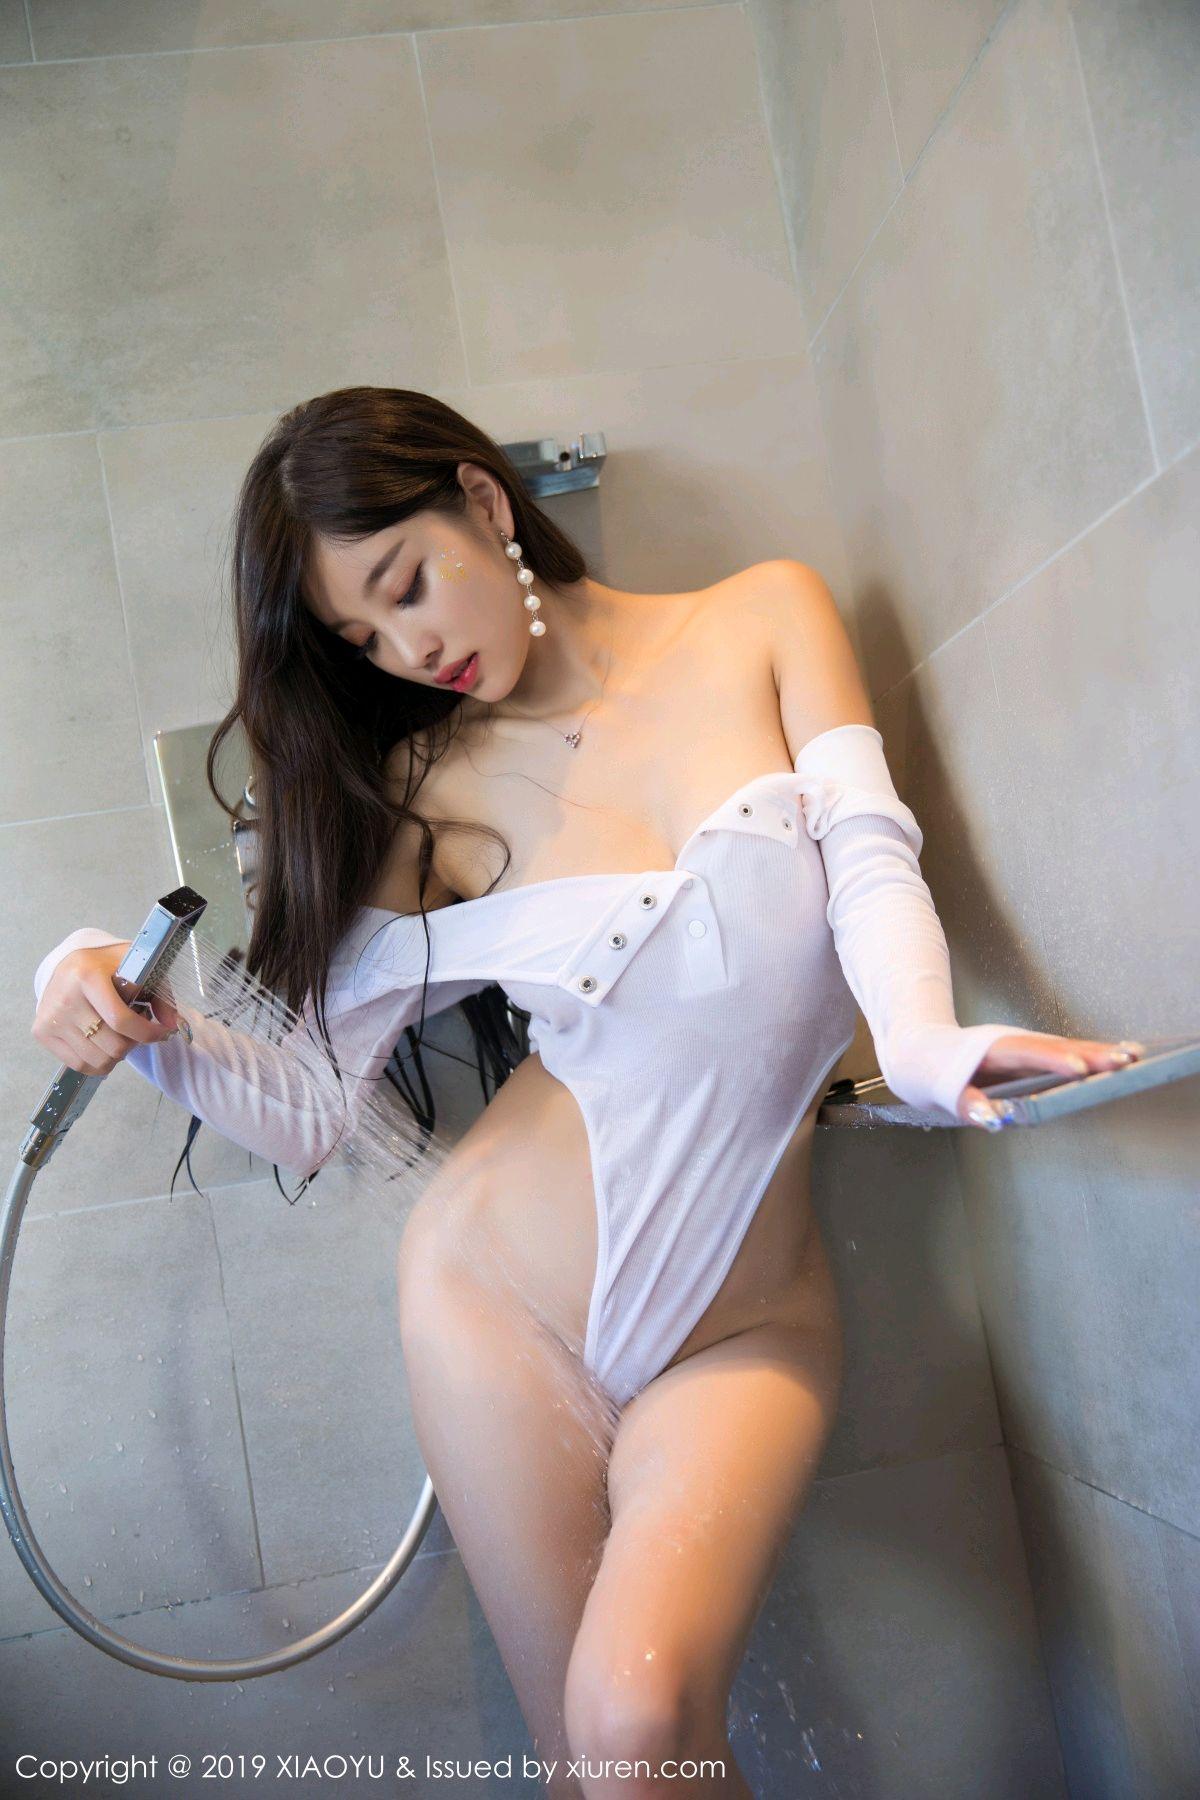 [XiaoYu] Vol.089 Yang Chen Chen 10P, Bathroom, Wet, XiaoYu, Yang Chen Chen